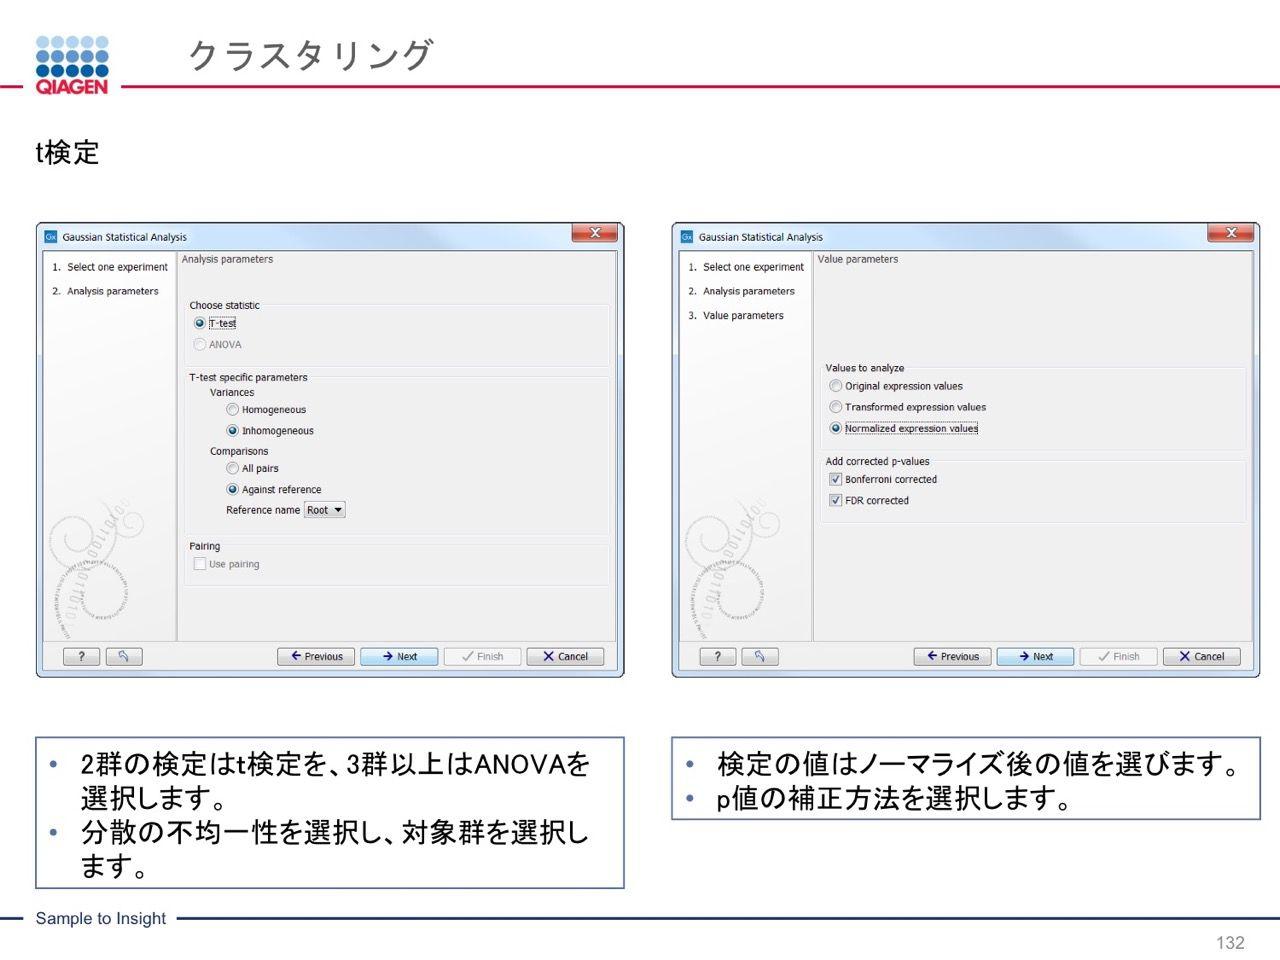 images/AJACSa2_miyamoto_132.jpg